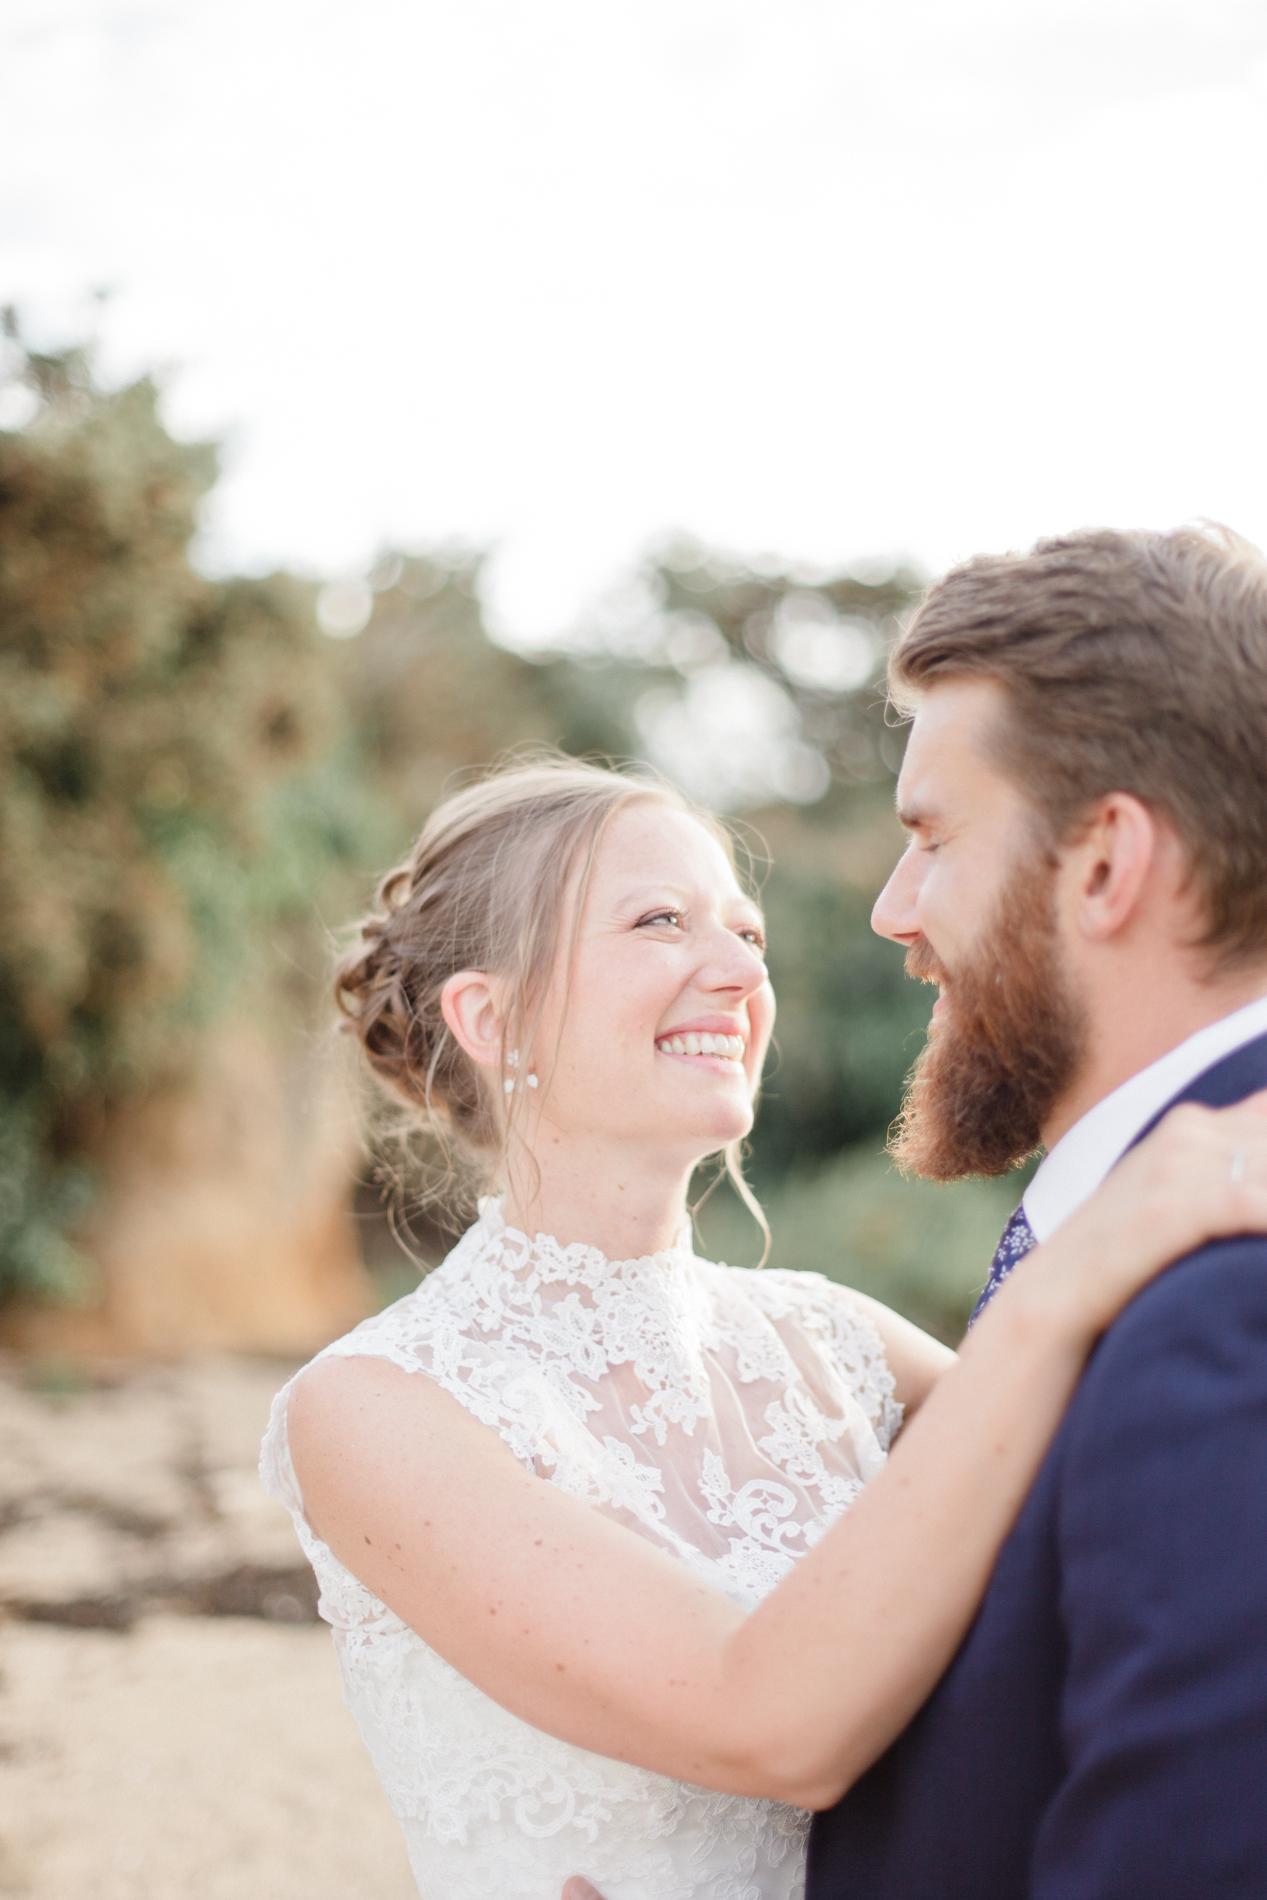 photographe-mariage-bretagne-maria-thomas-86